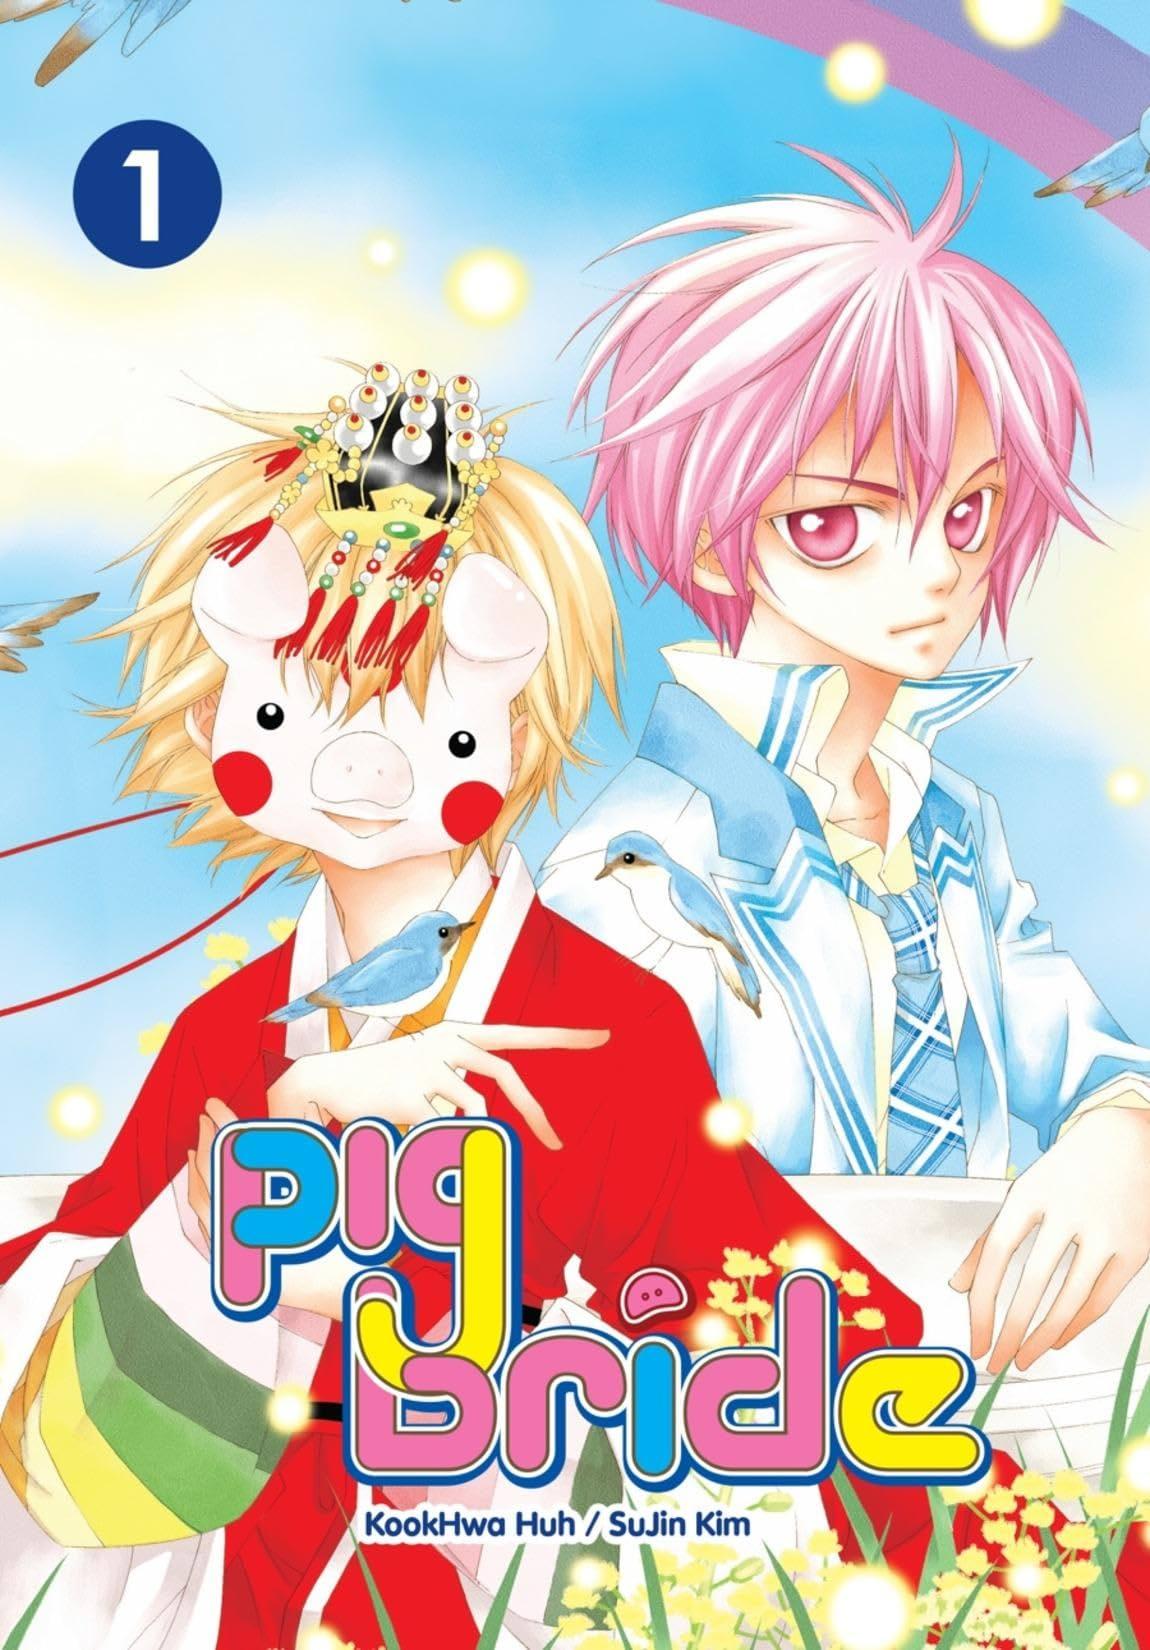 Pig Bride Vol. 1